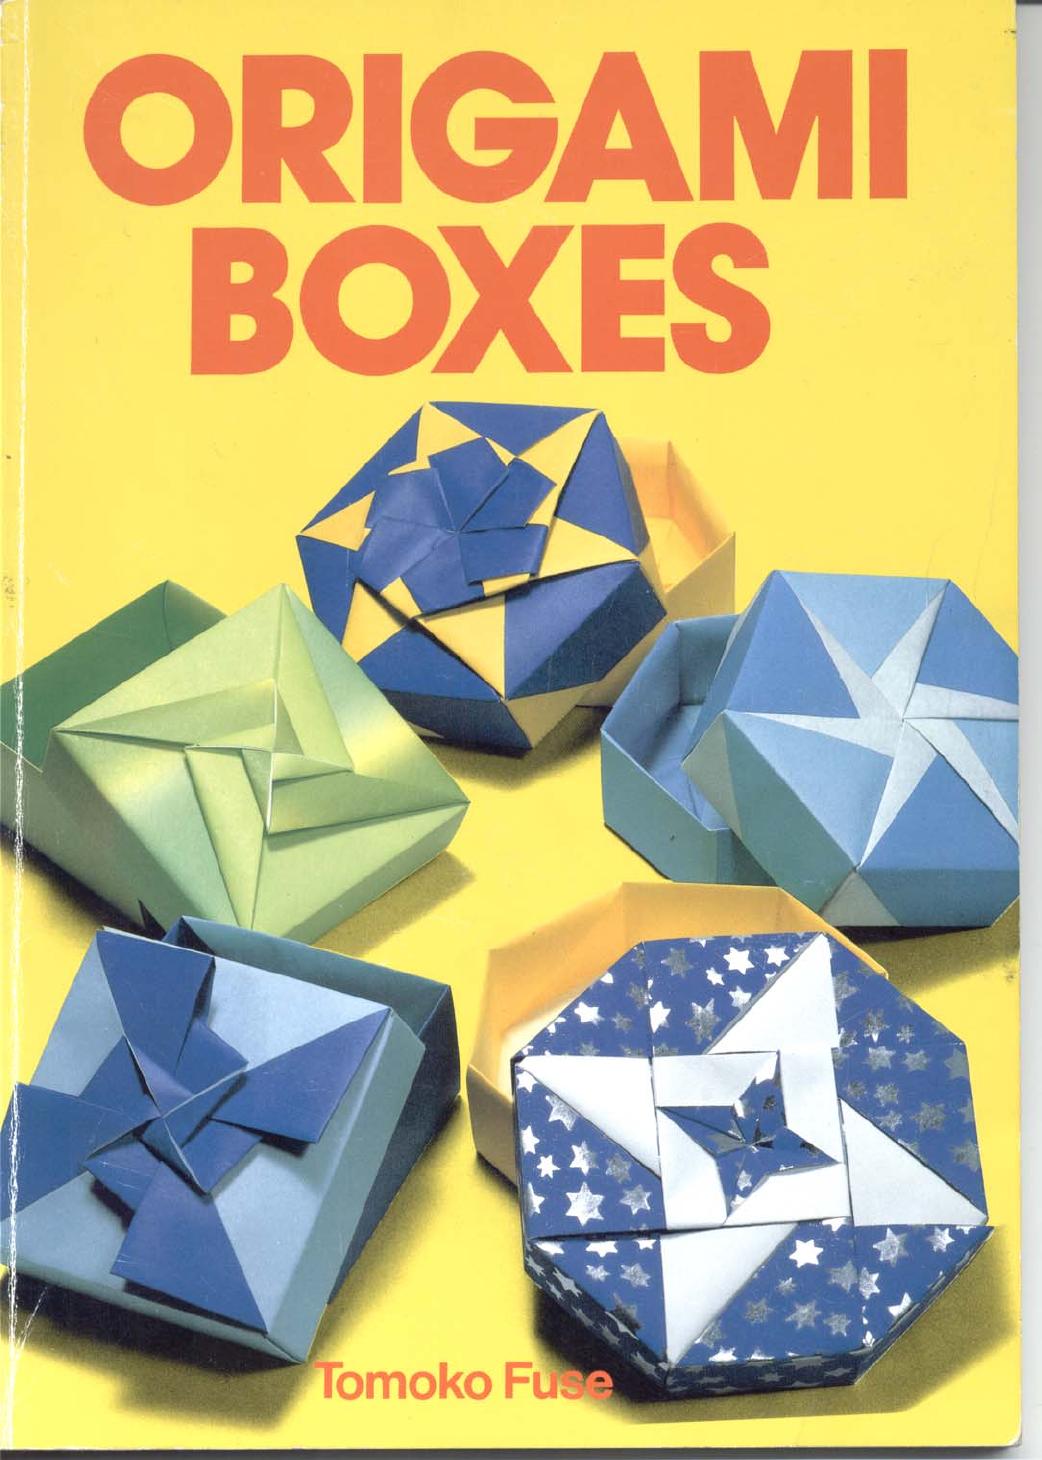 Caixas de Origami (Tomoko Fuse) - Documentos